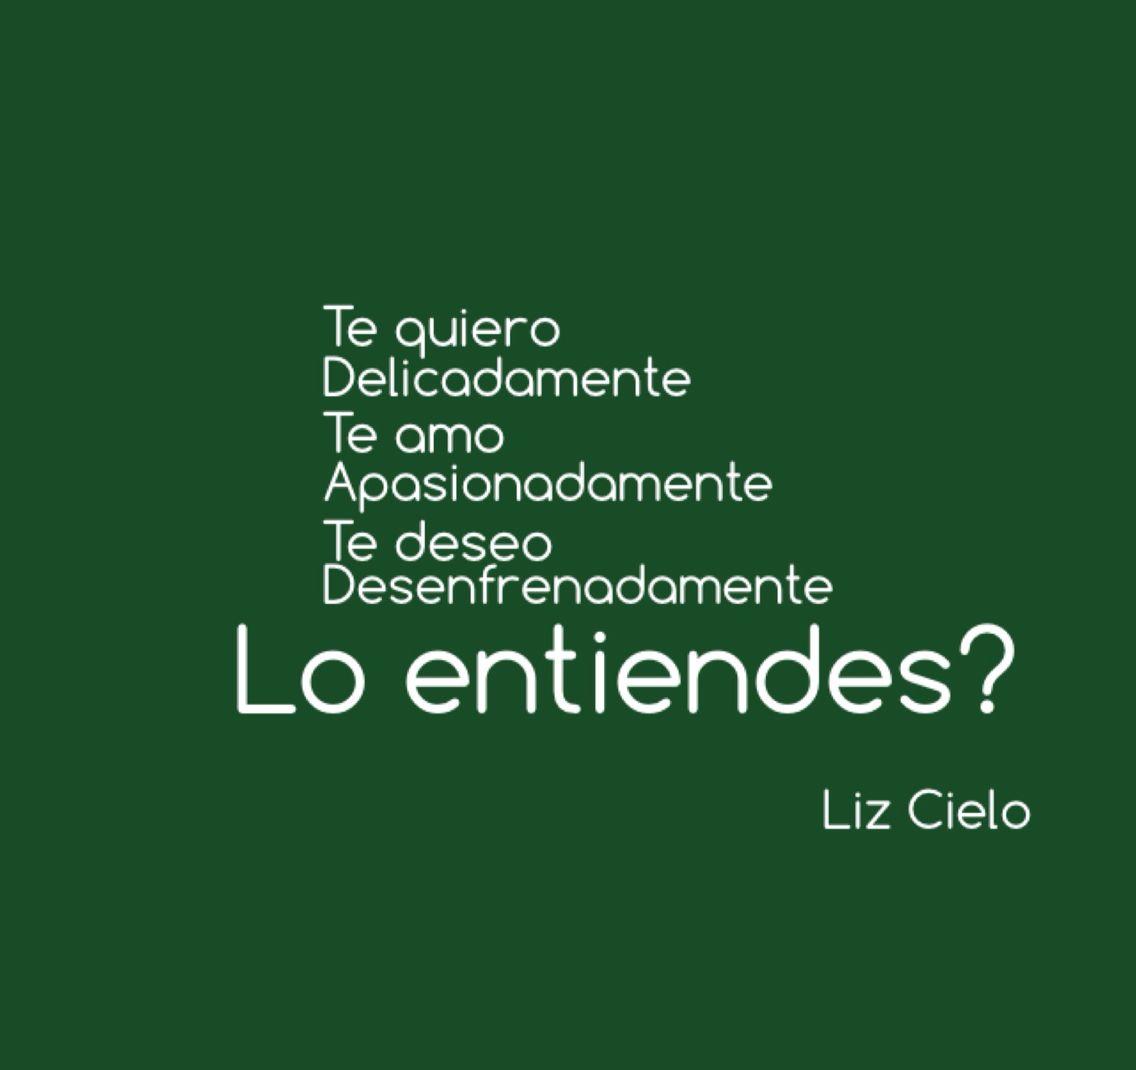 Lo entiendes?